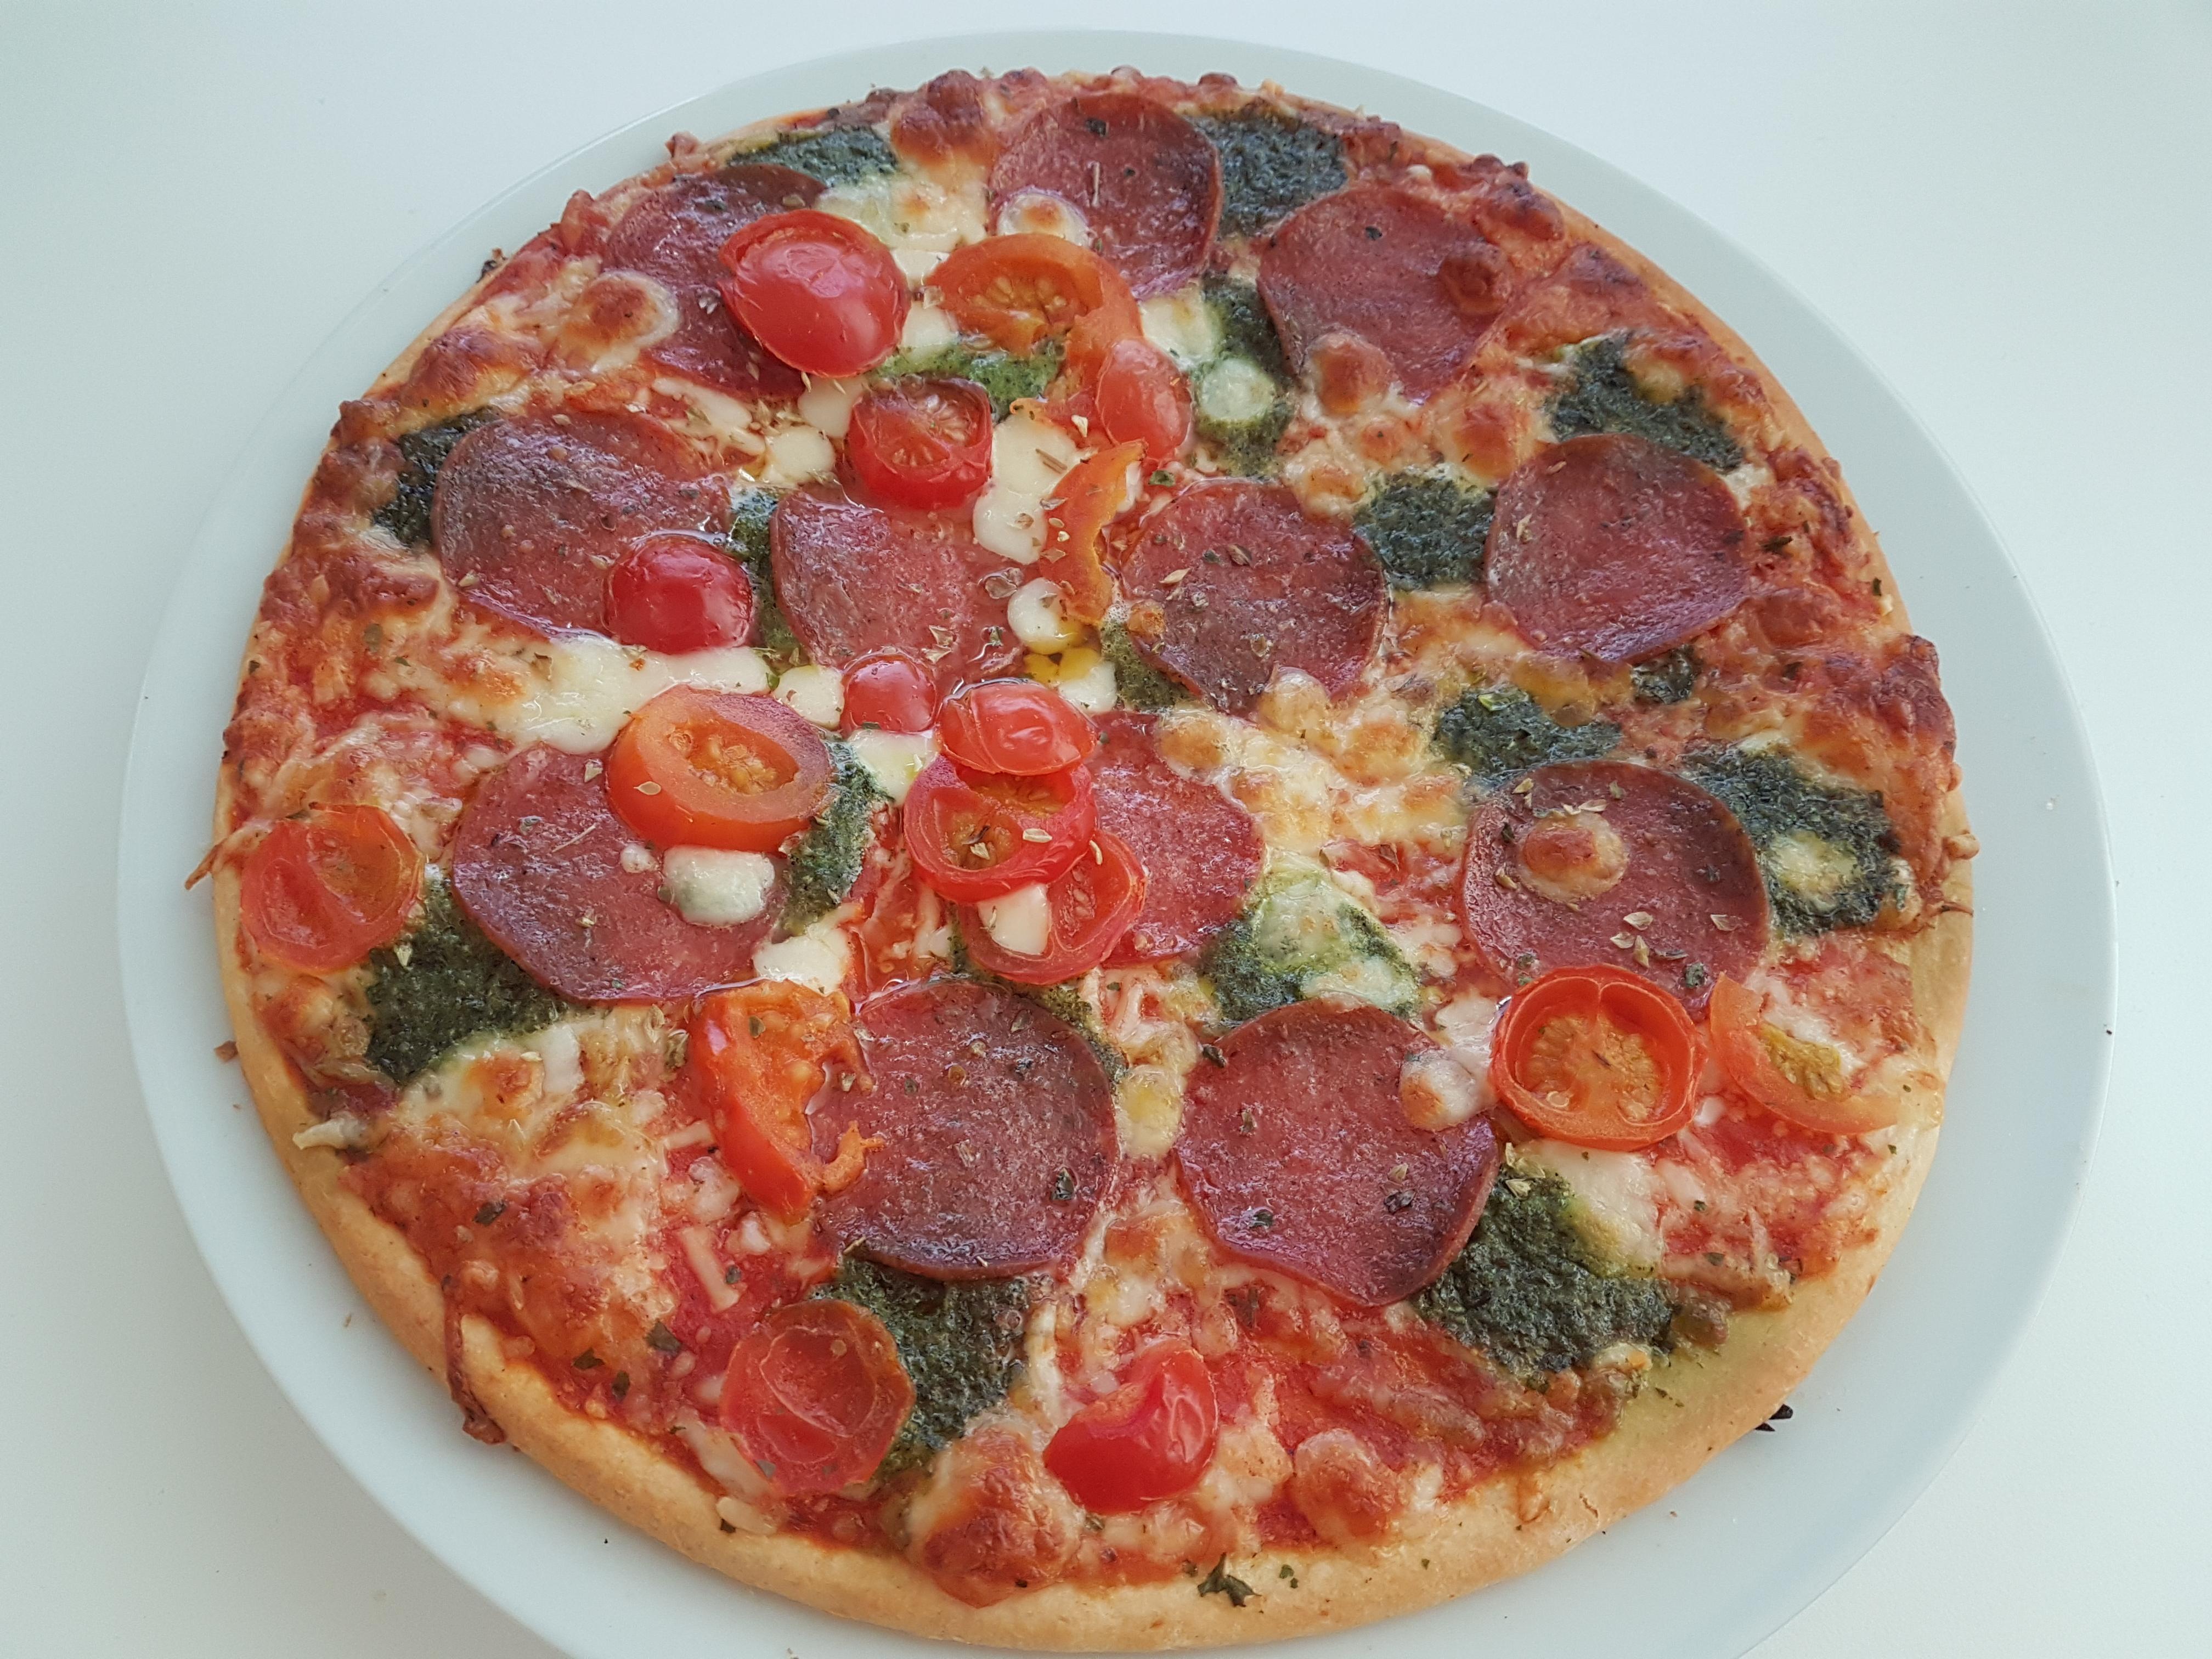 https://foodloader.net/Holz_2018-10-07_Pizza.jpg